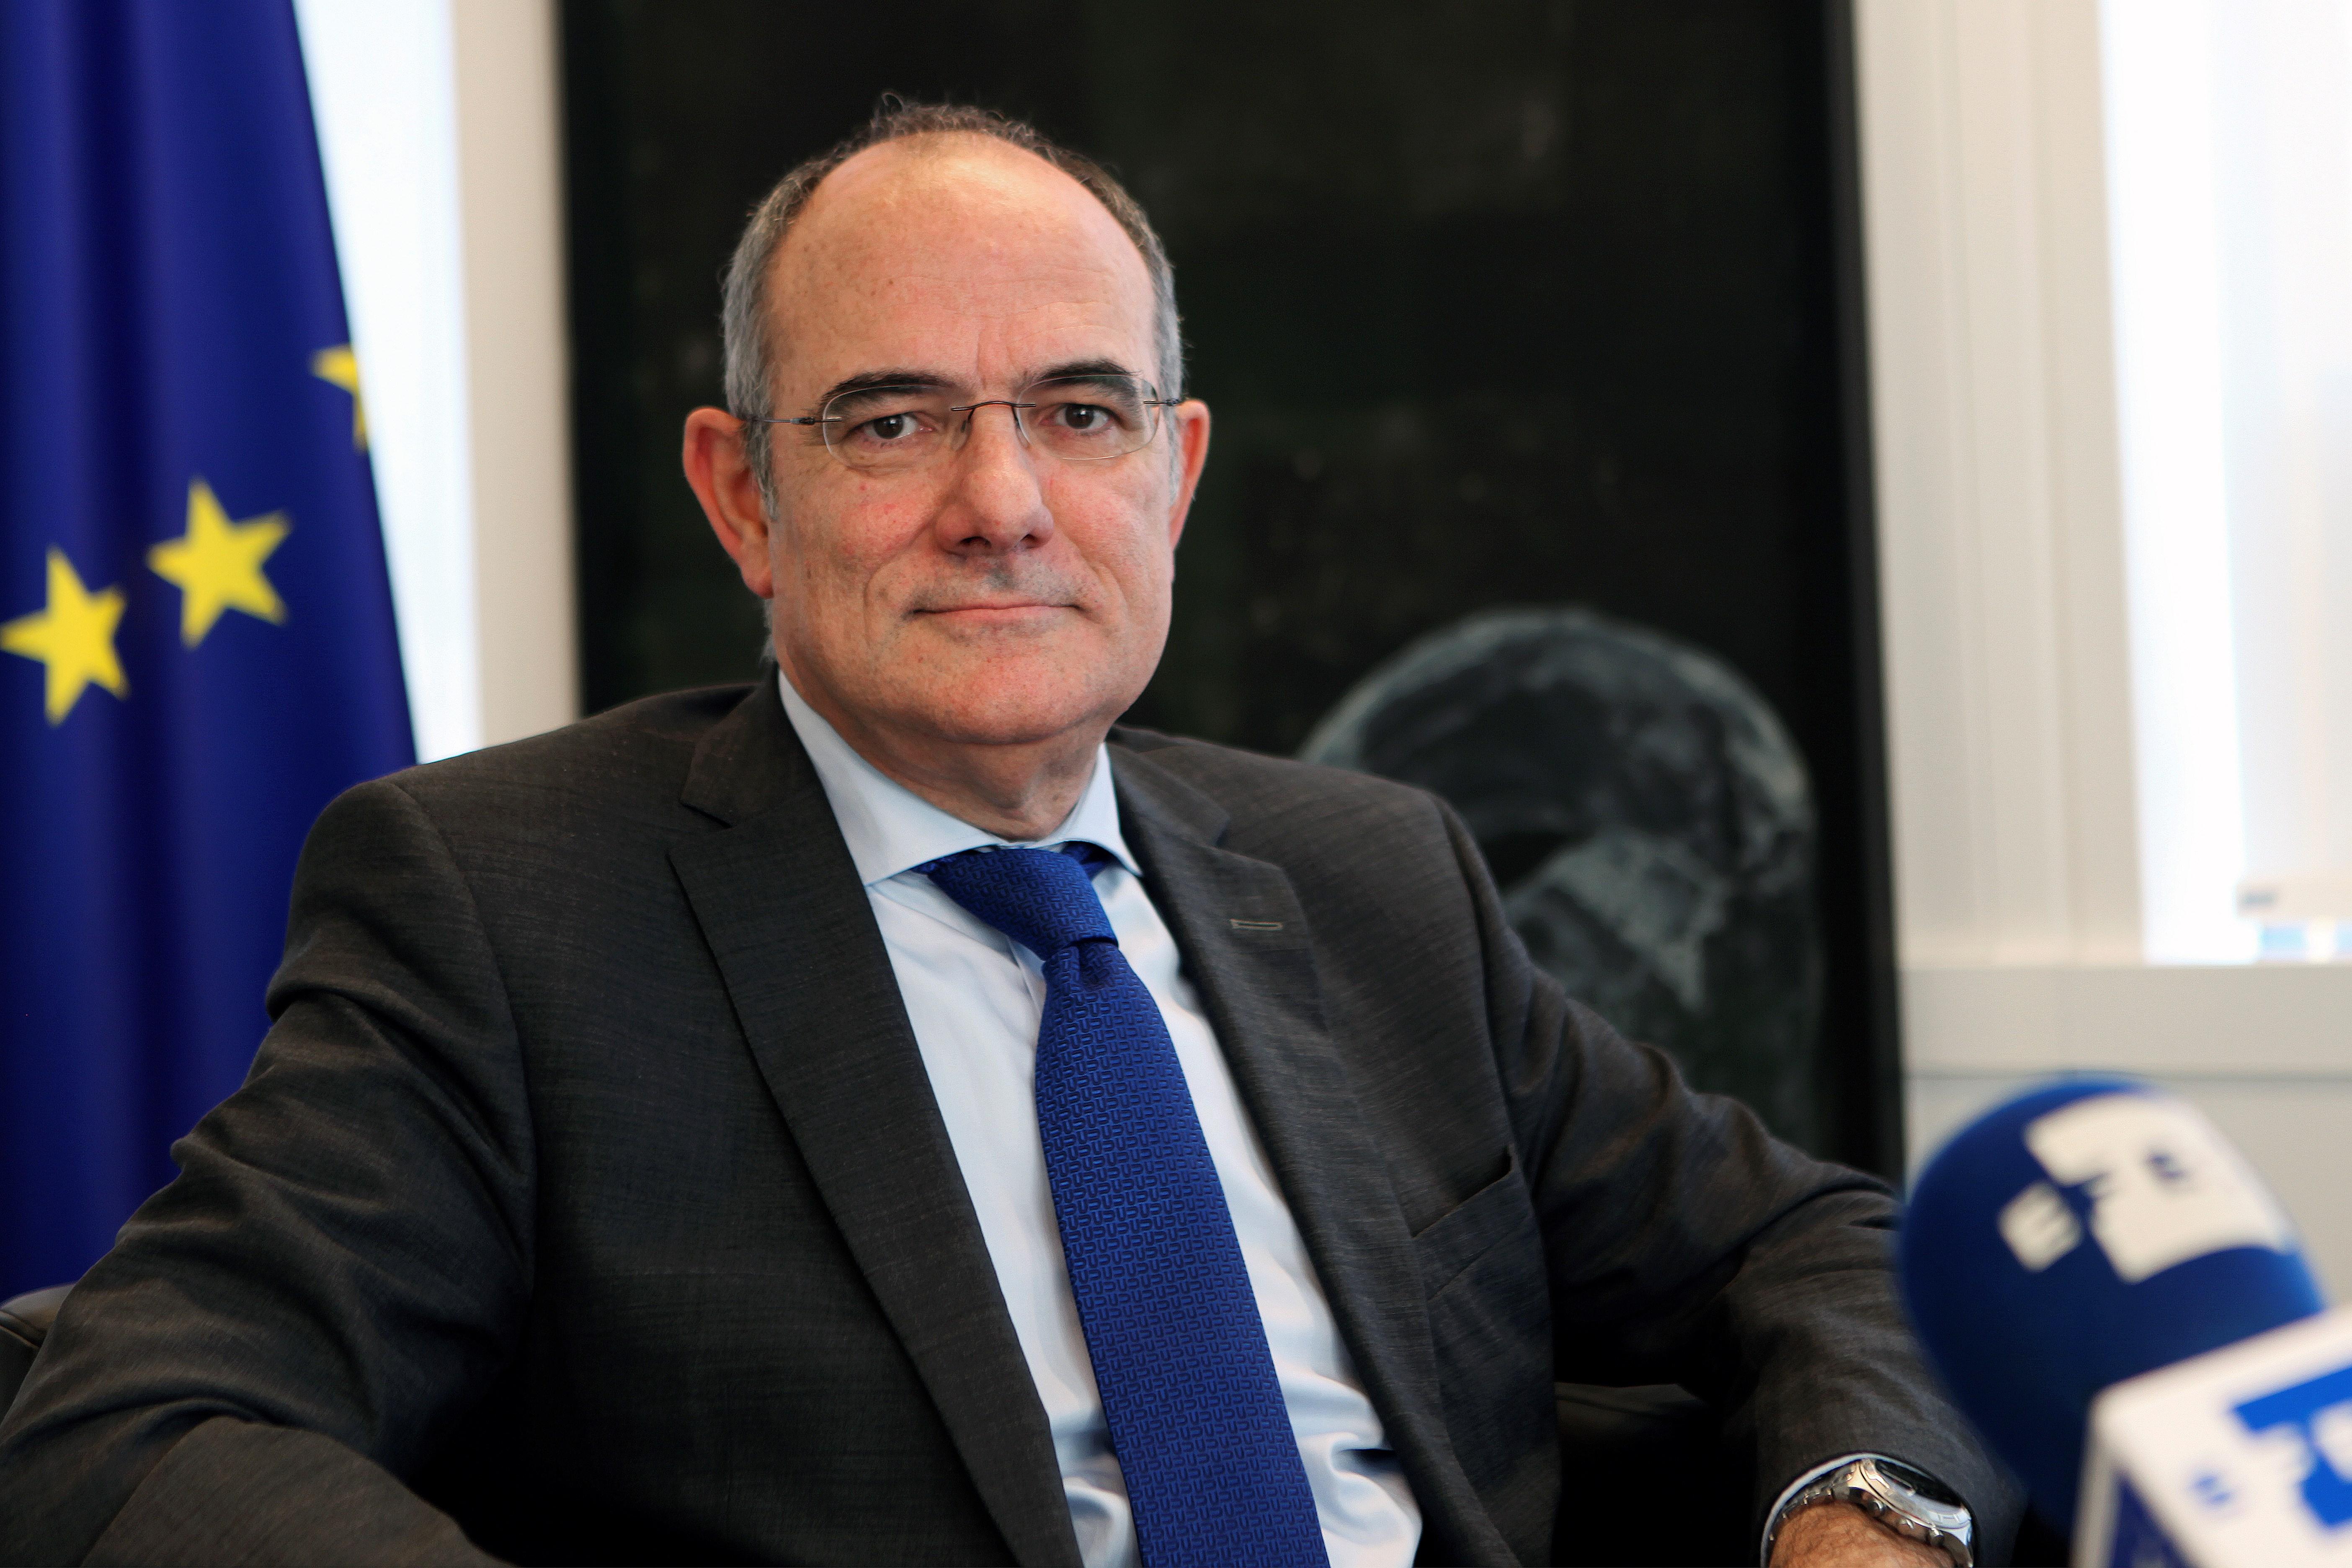 Jaume Duch